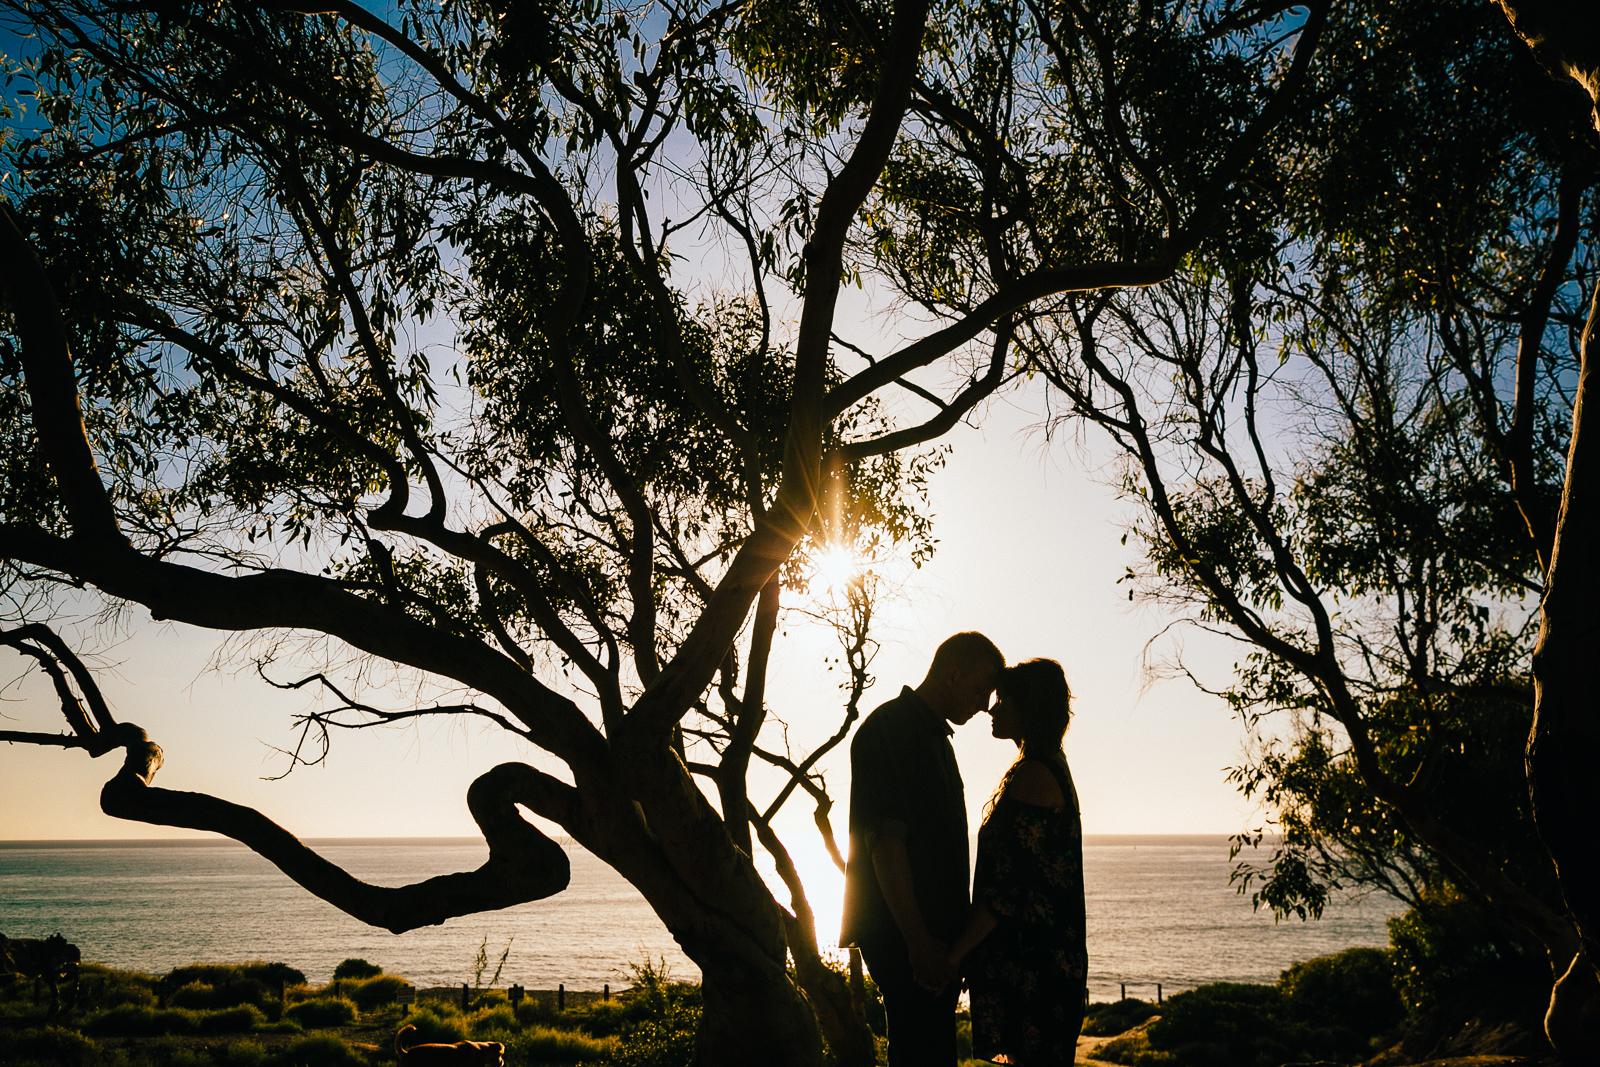 DANYELLE_&_ERIC_ENGAGEMENT_SESSION_SUNSET_CLIFFS_LEAF_WEDDING_PHOTOGRAPHY_2015IMG_2318.JPG